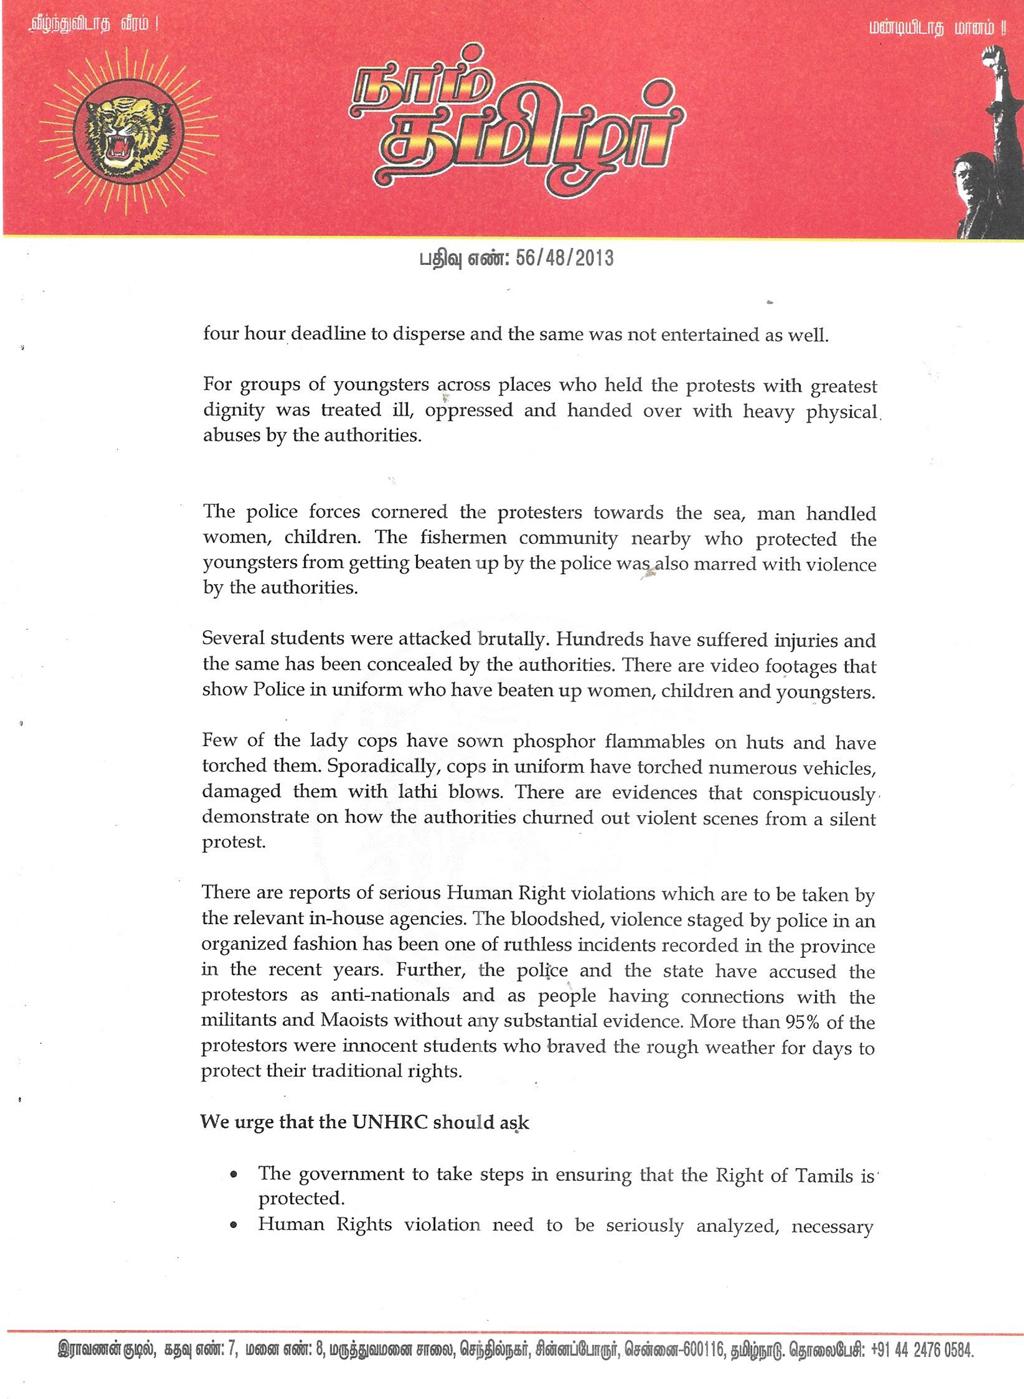 சல்லிக்கட்டு அரச வன்முறை: ஜெனீவா ஐநா மனித உரிமை ஆணையத்திடம் புகார் NTK UNO Jallikattu HRV 4